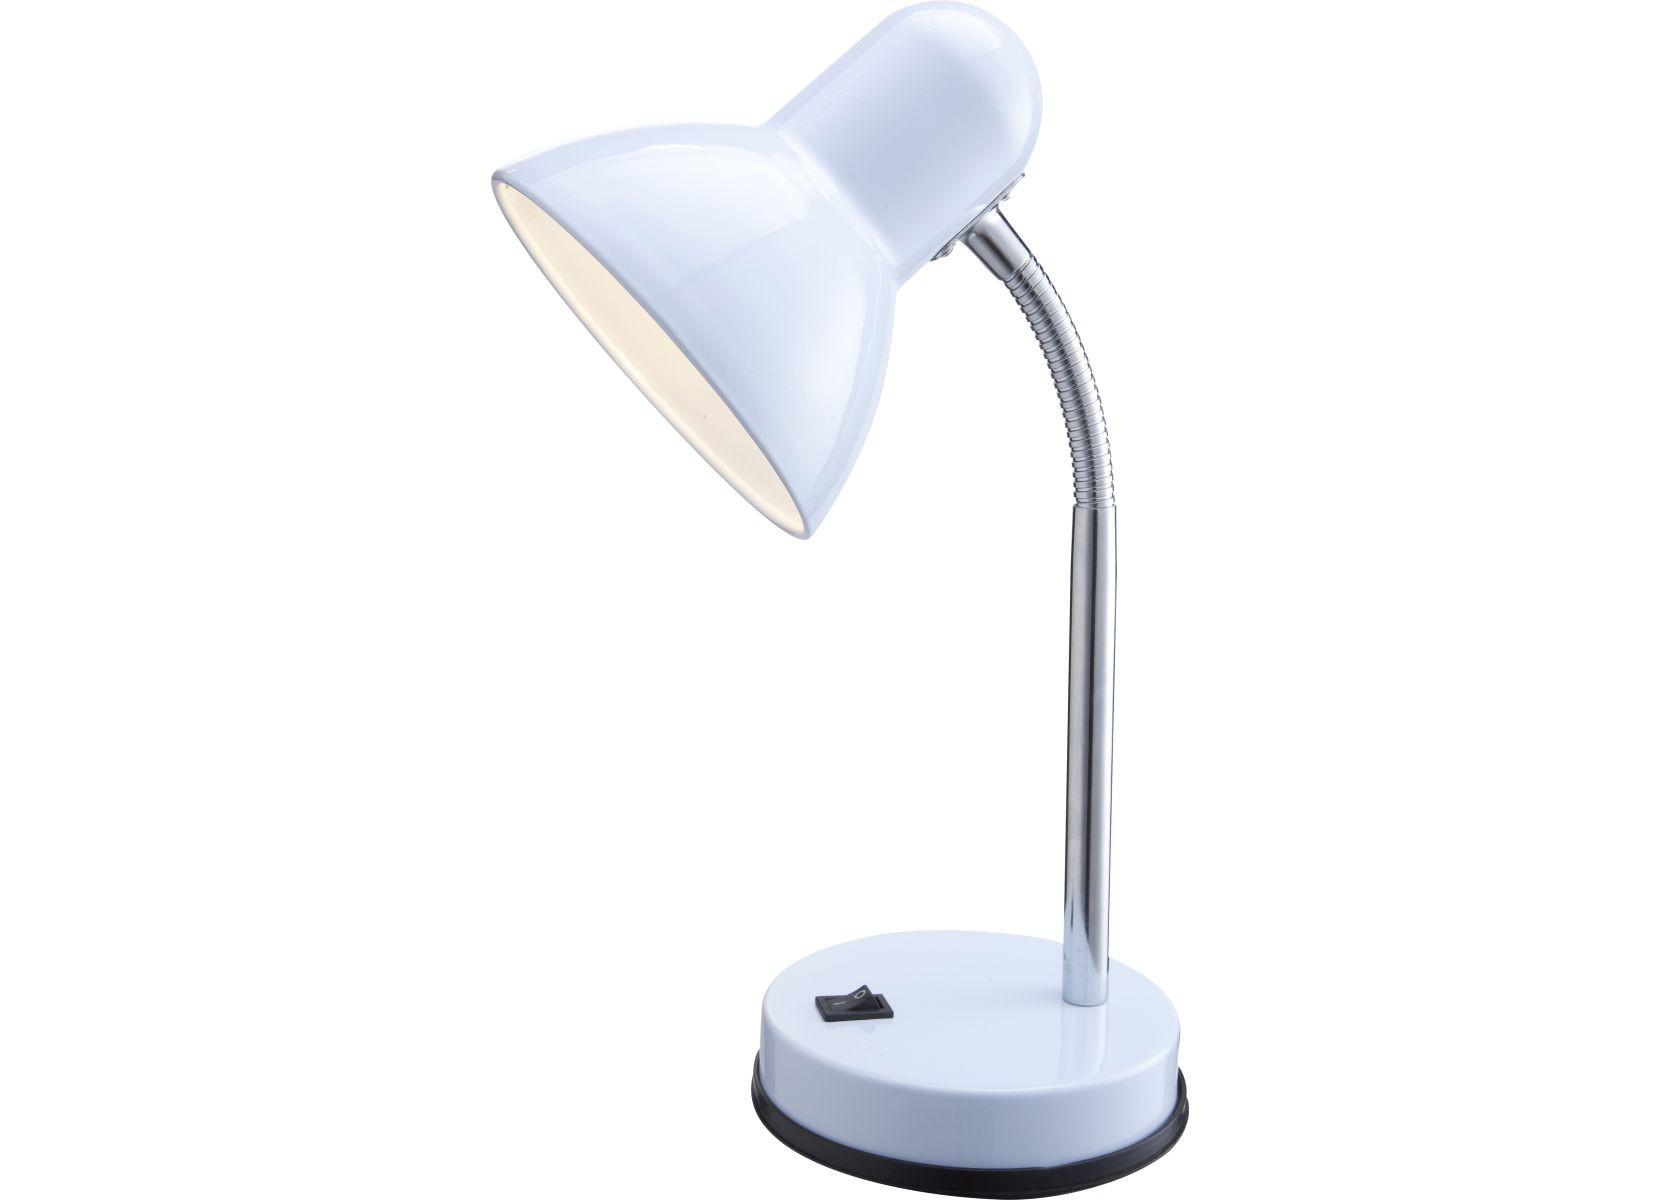 Настольная лампаНастольные лампы<br>&amp;lt;div&amp;gt;Вид цоколя: E27&amp;lt;/div&amp;gt;&amp;lt;div&amp;gt;Мощность: 40W&amp;lt;/div&amp;gt;&amp;lt;div&amp;gt;Количество ламп: 1&amp;lt;/div&amp;gt;<br><br>Material: Пластик<br>Height см: 34<br>Diameter см: 22,5